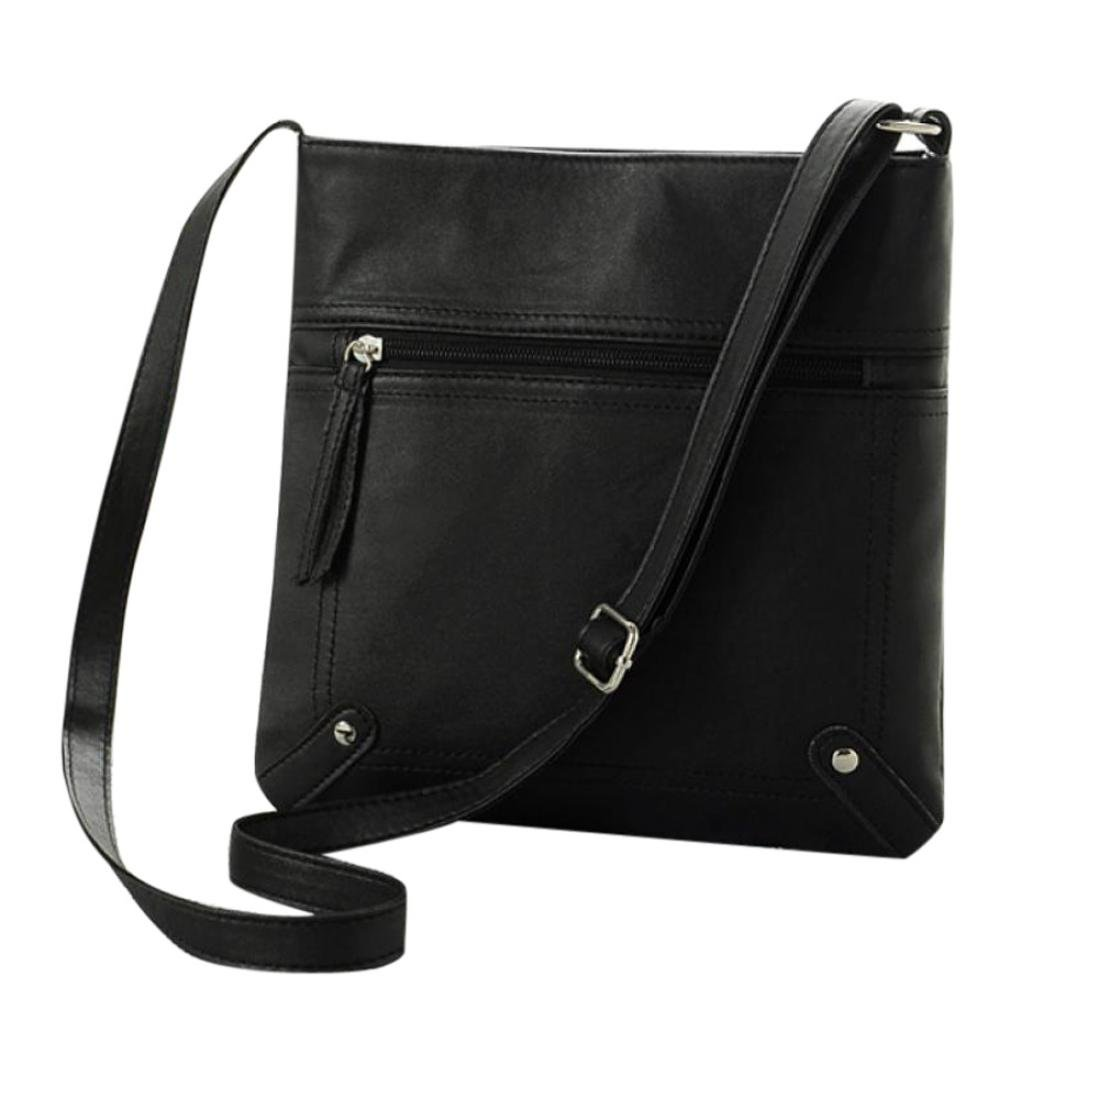 Crossbody Leather,Clearance! AgrinTol Fashion Womens Leather Satchel Shoulder Messenger Bag Handbag (Black)